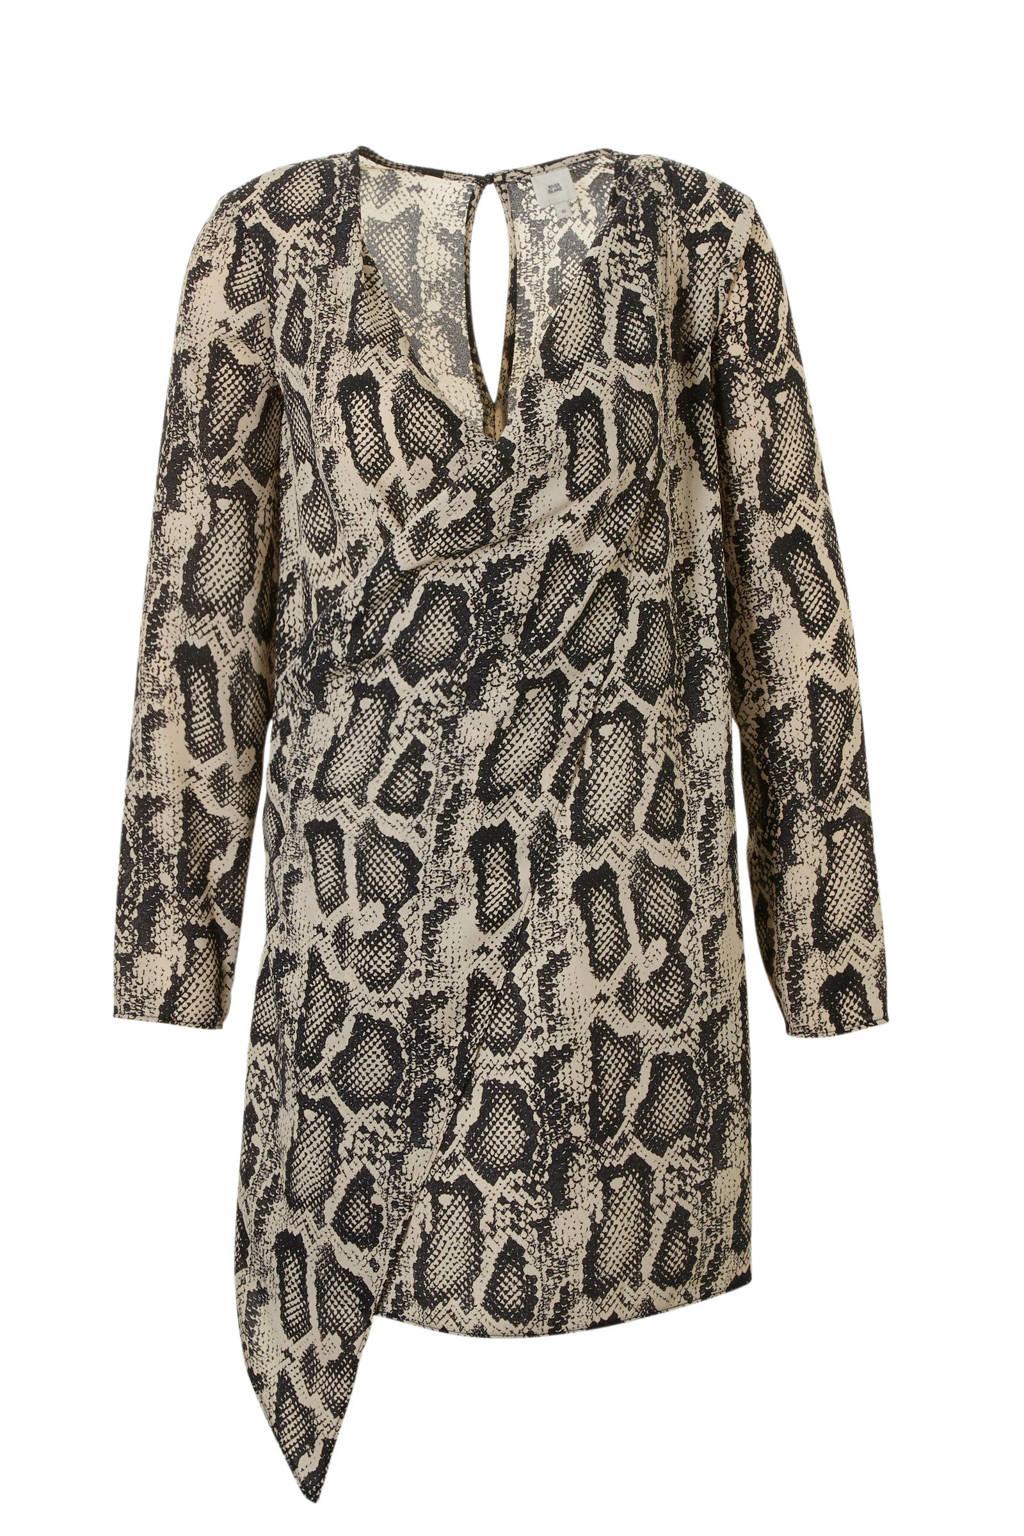 River Island jurk met slangenprint, beige/ zwart